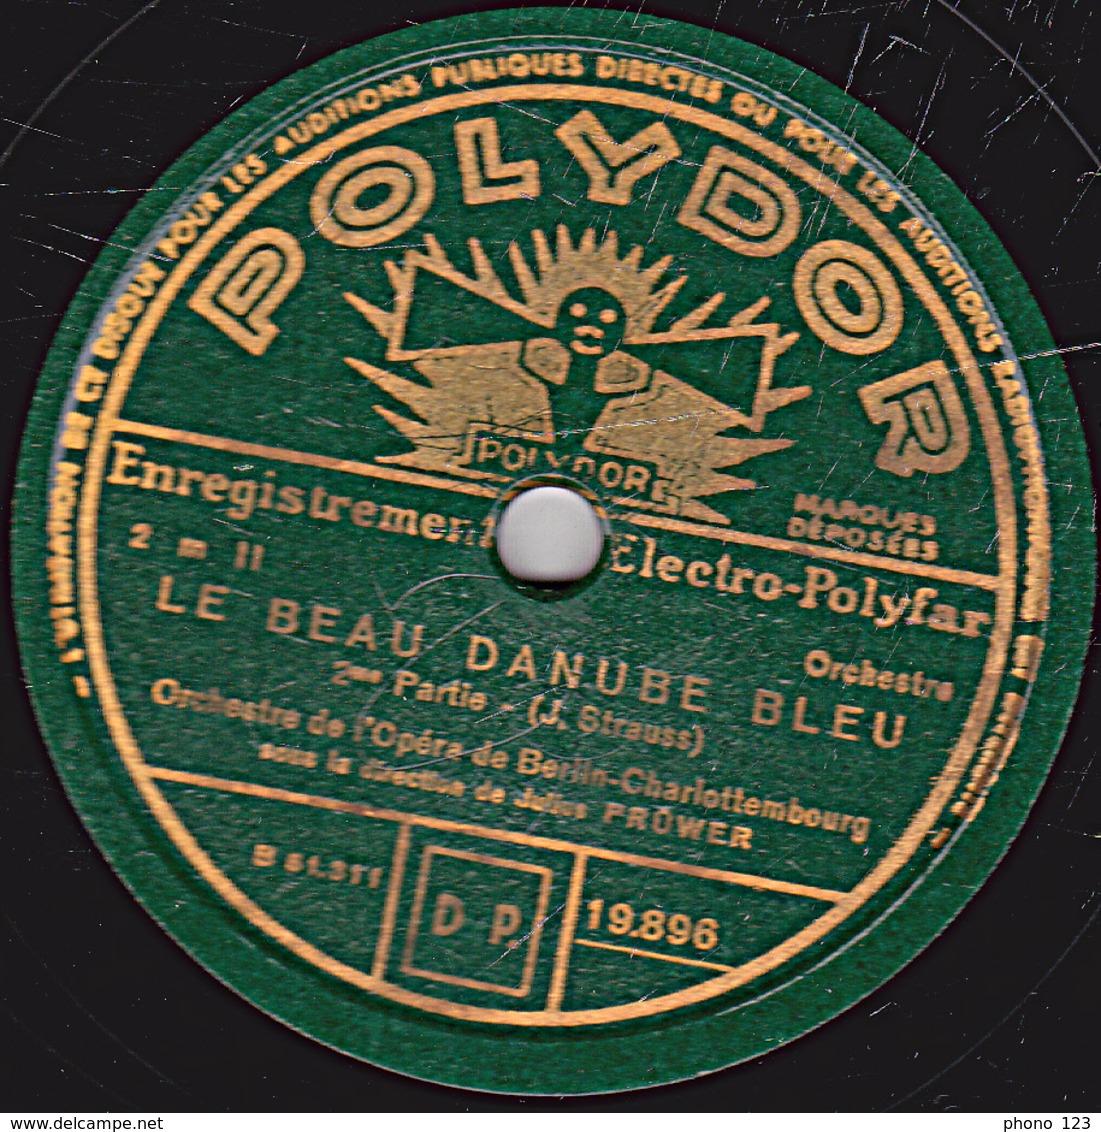 78 Trs - 30 Cm - état B - LE BEAU DANUBE BLEU - Orchestre De L'Opéra De Berlin-Charlottembourg - 1re Et 2e Parties - 78 Rpm - Schellackplatten